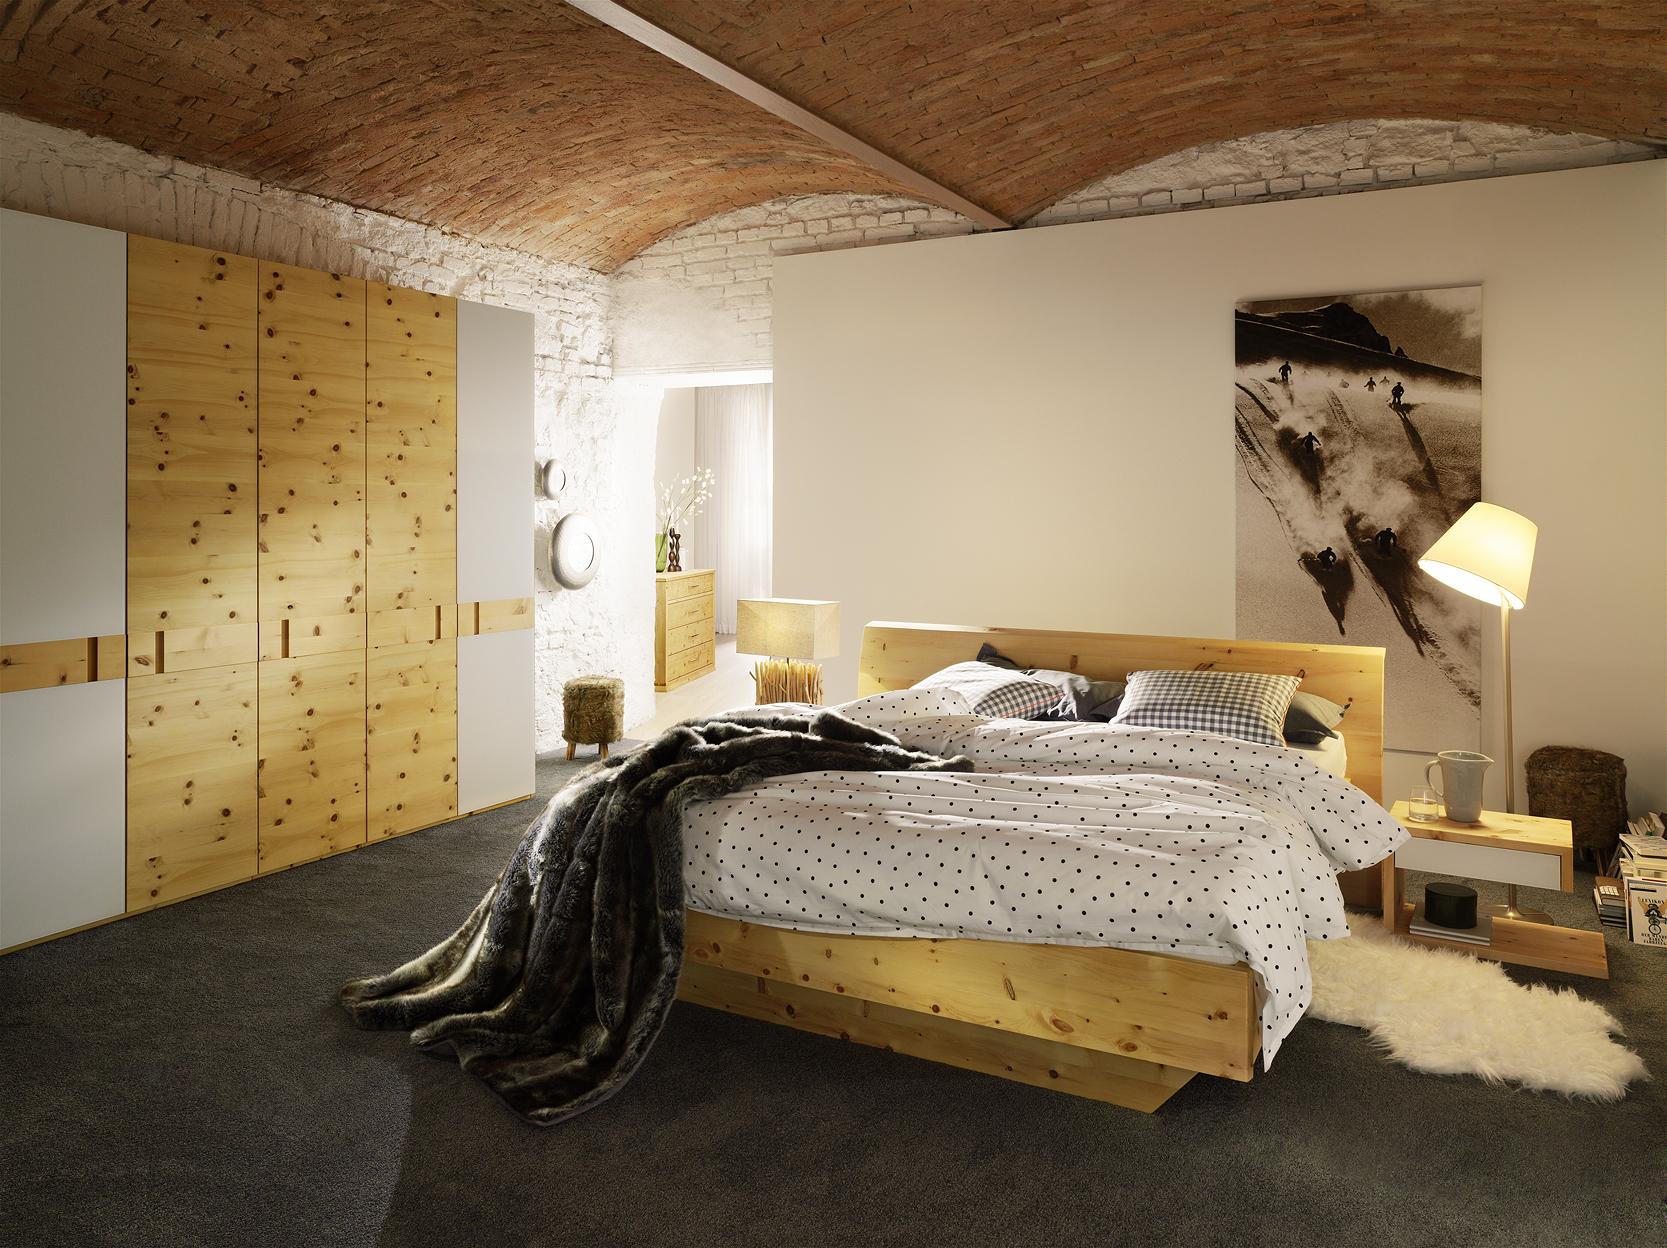 schlafzimmer zirbenholz – menerima, Schlafzimmer entwurf